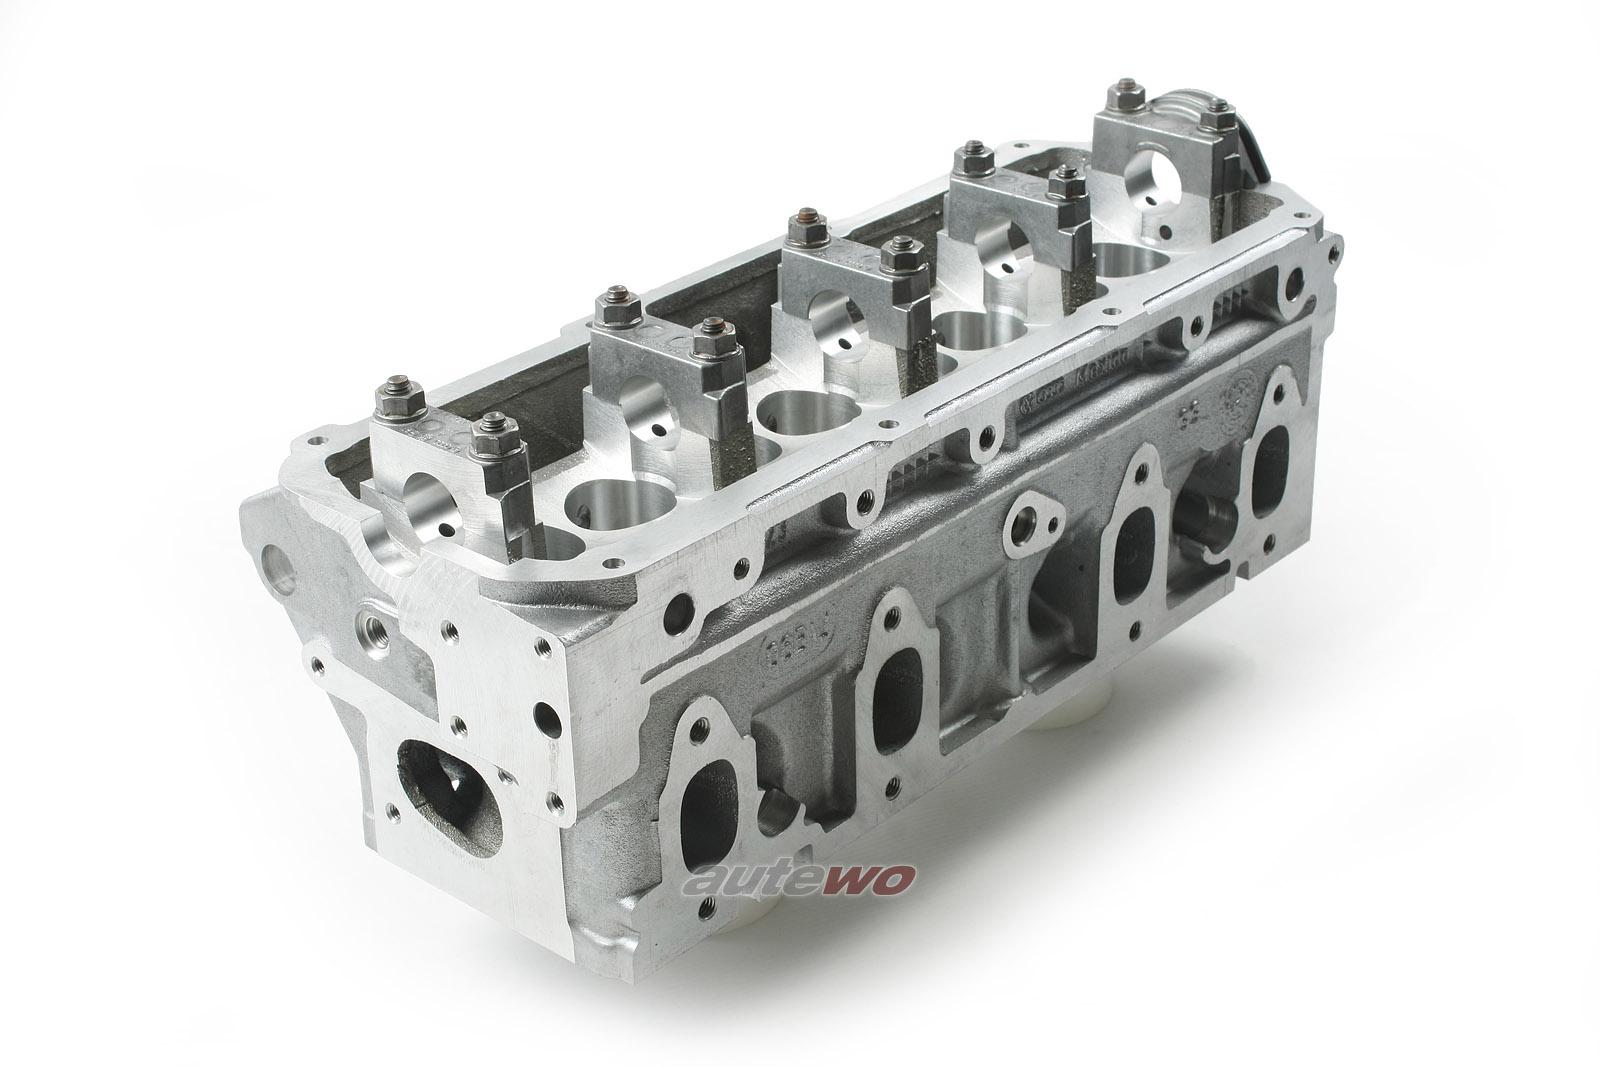 06B103351A 06B103353J NEU Audi/VW A4 B5/Passat 1.6l Zylinderkopf